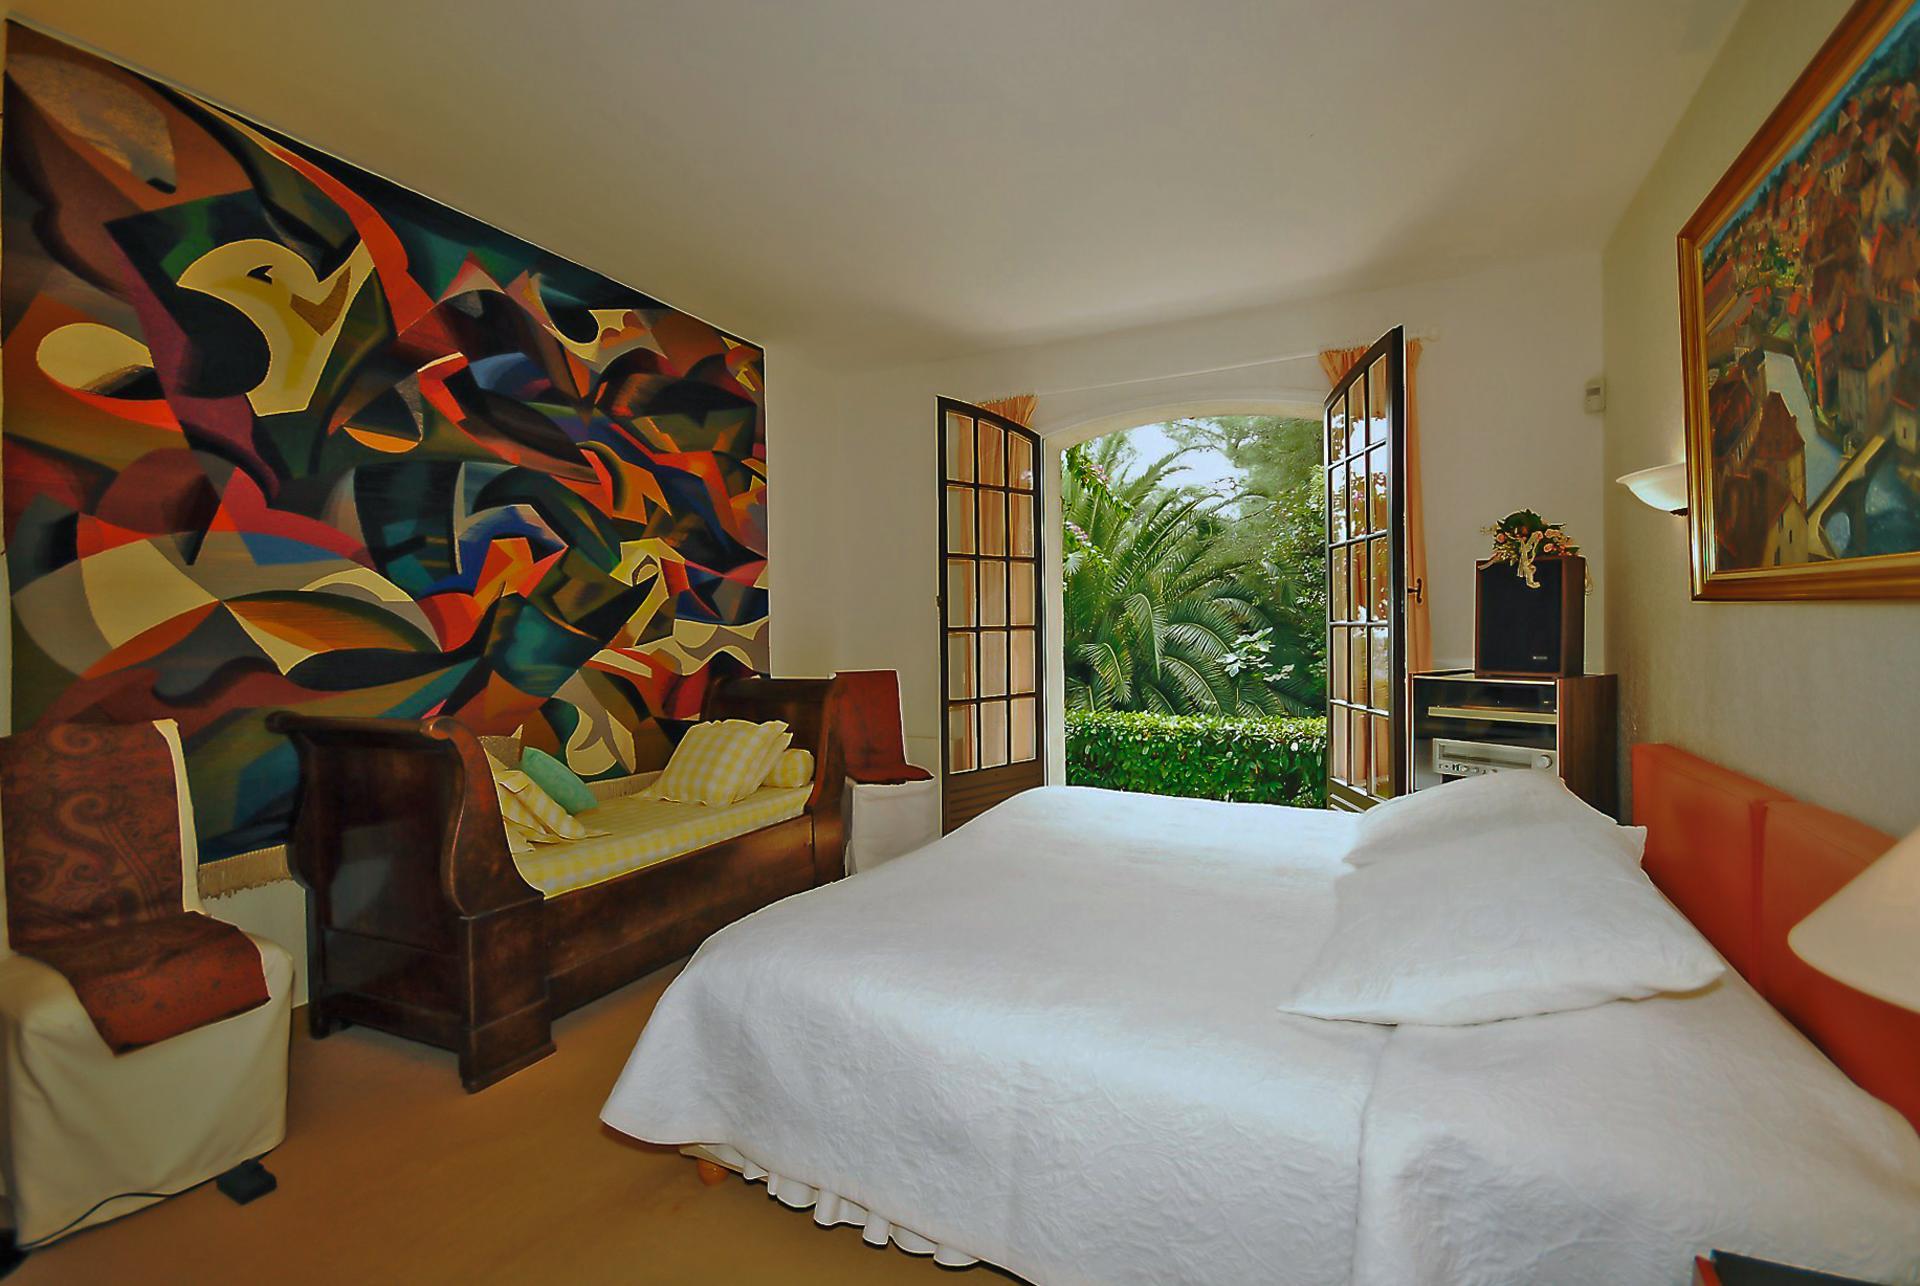 Bedroom 1, La Bergerie, Vence, Cote d'Azur.